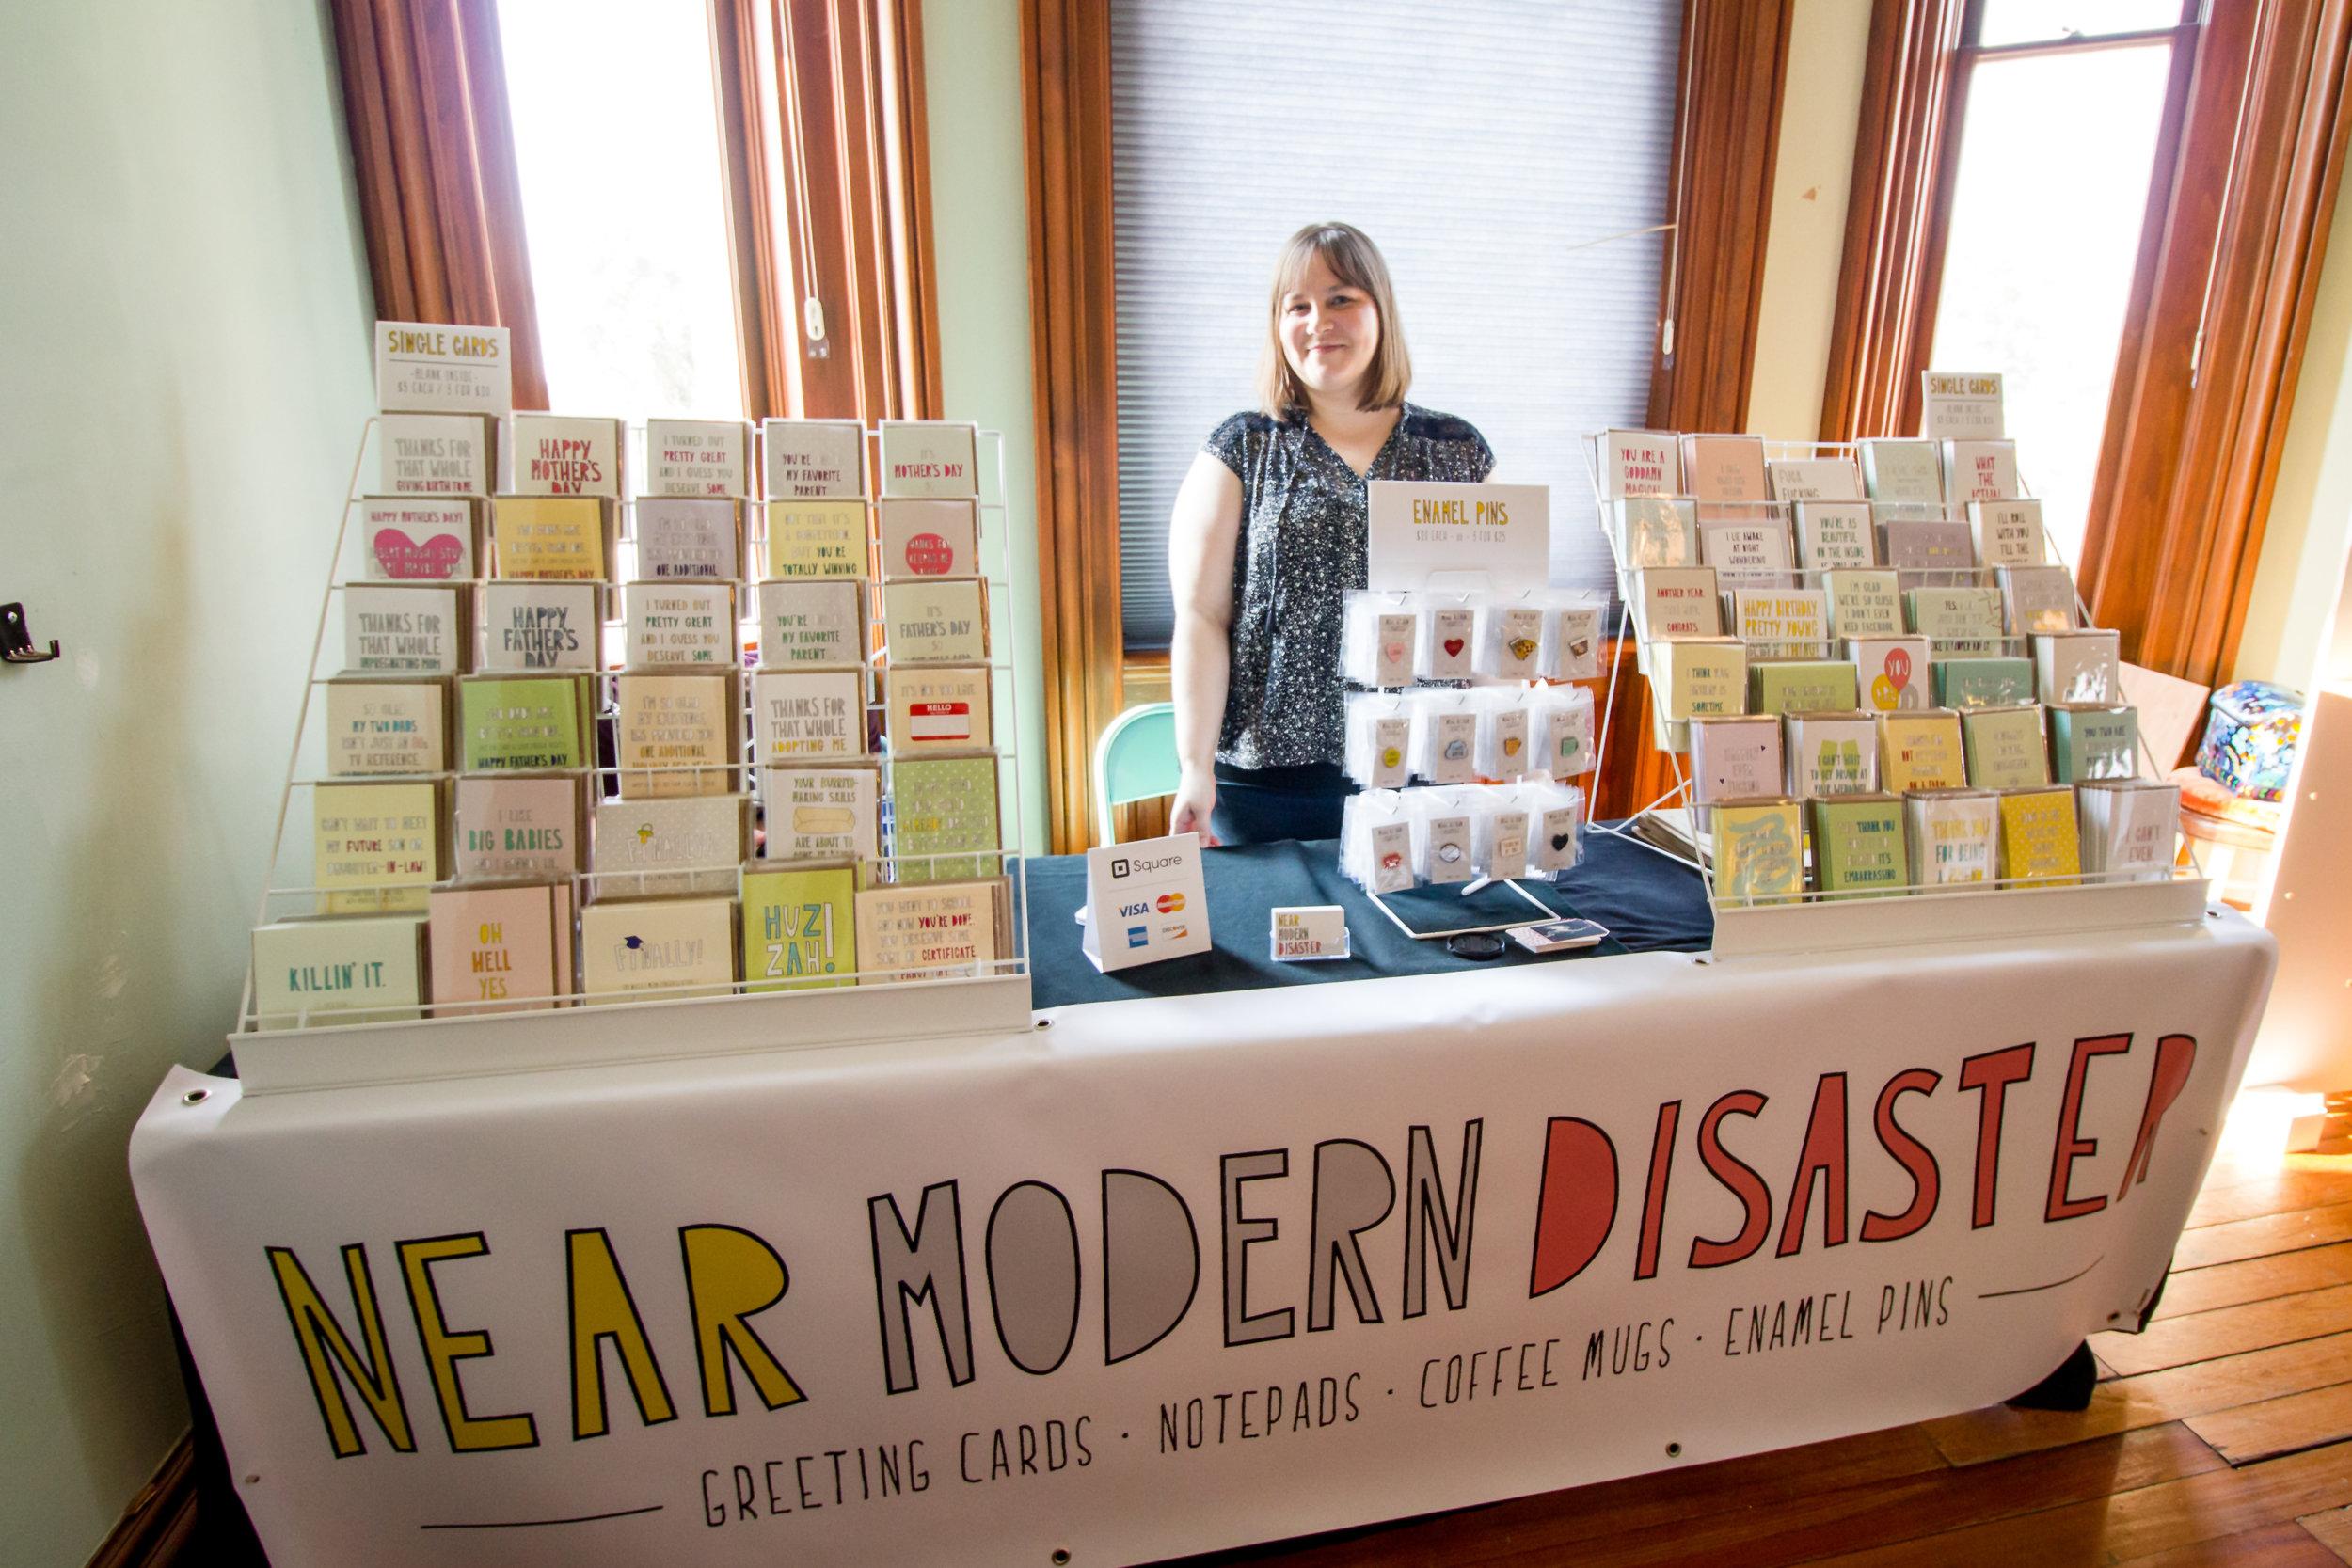 Sam Kramer representing   Near Modern Disaster   :: Brilliant note cards!!!